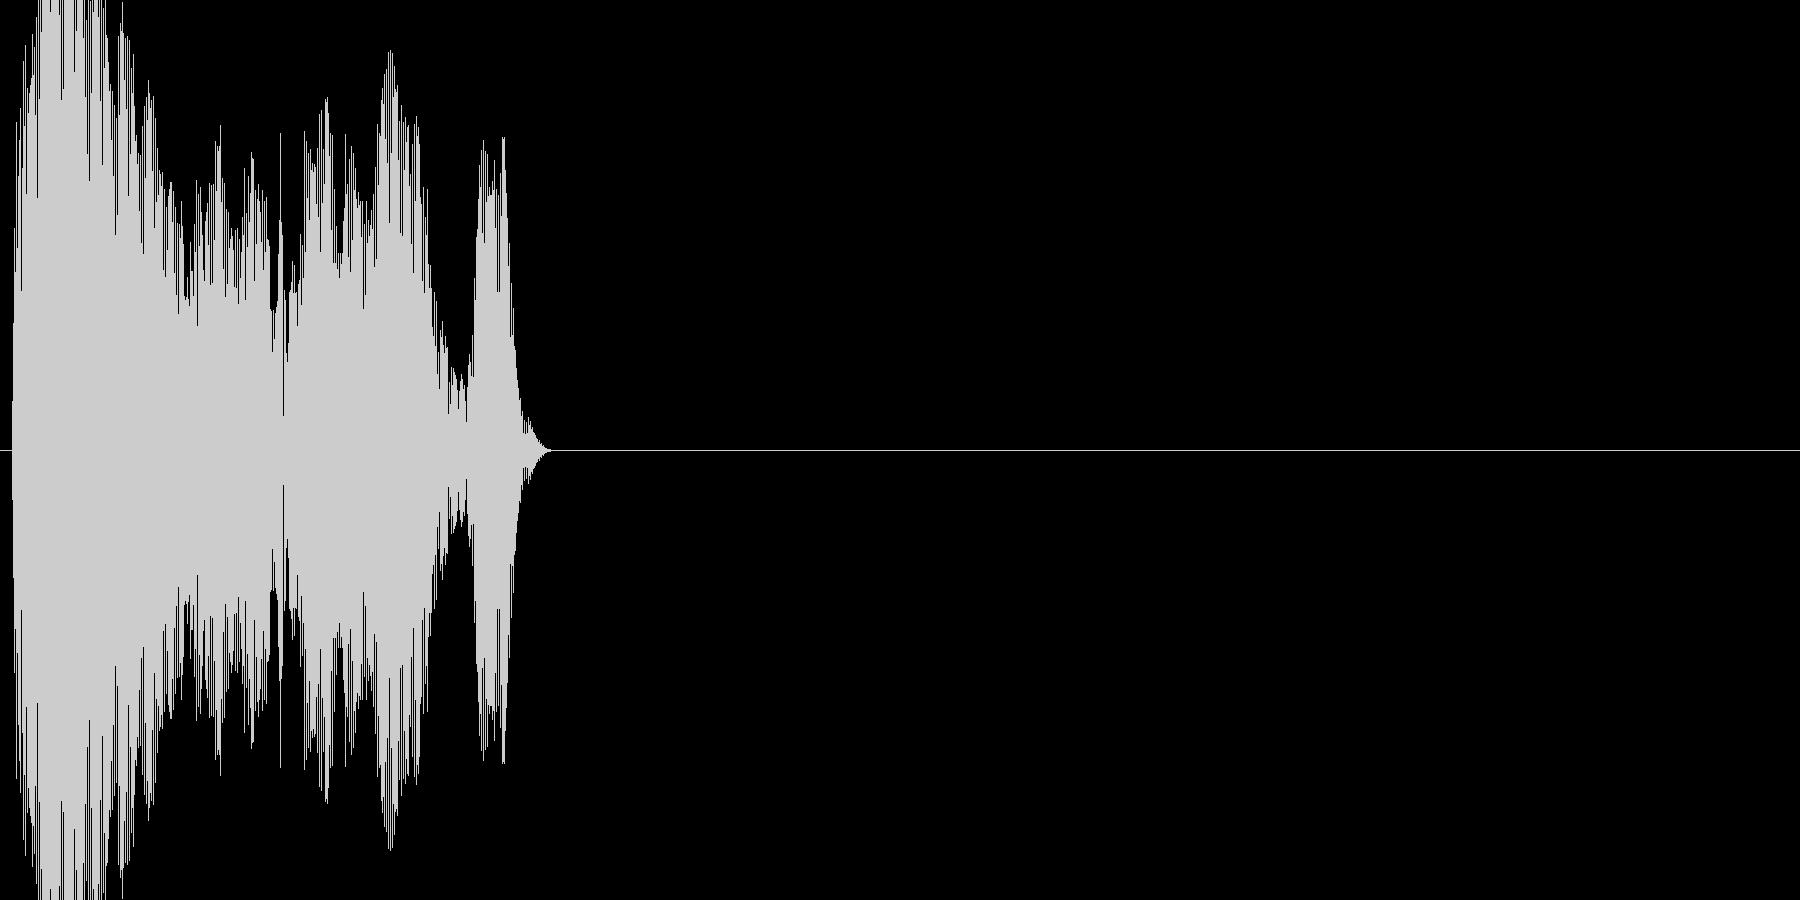 ボタン・カーソル・操作音 「キッ」の未再生の波形